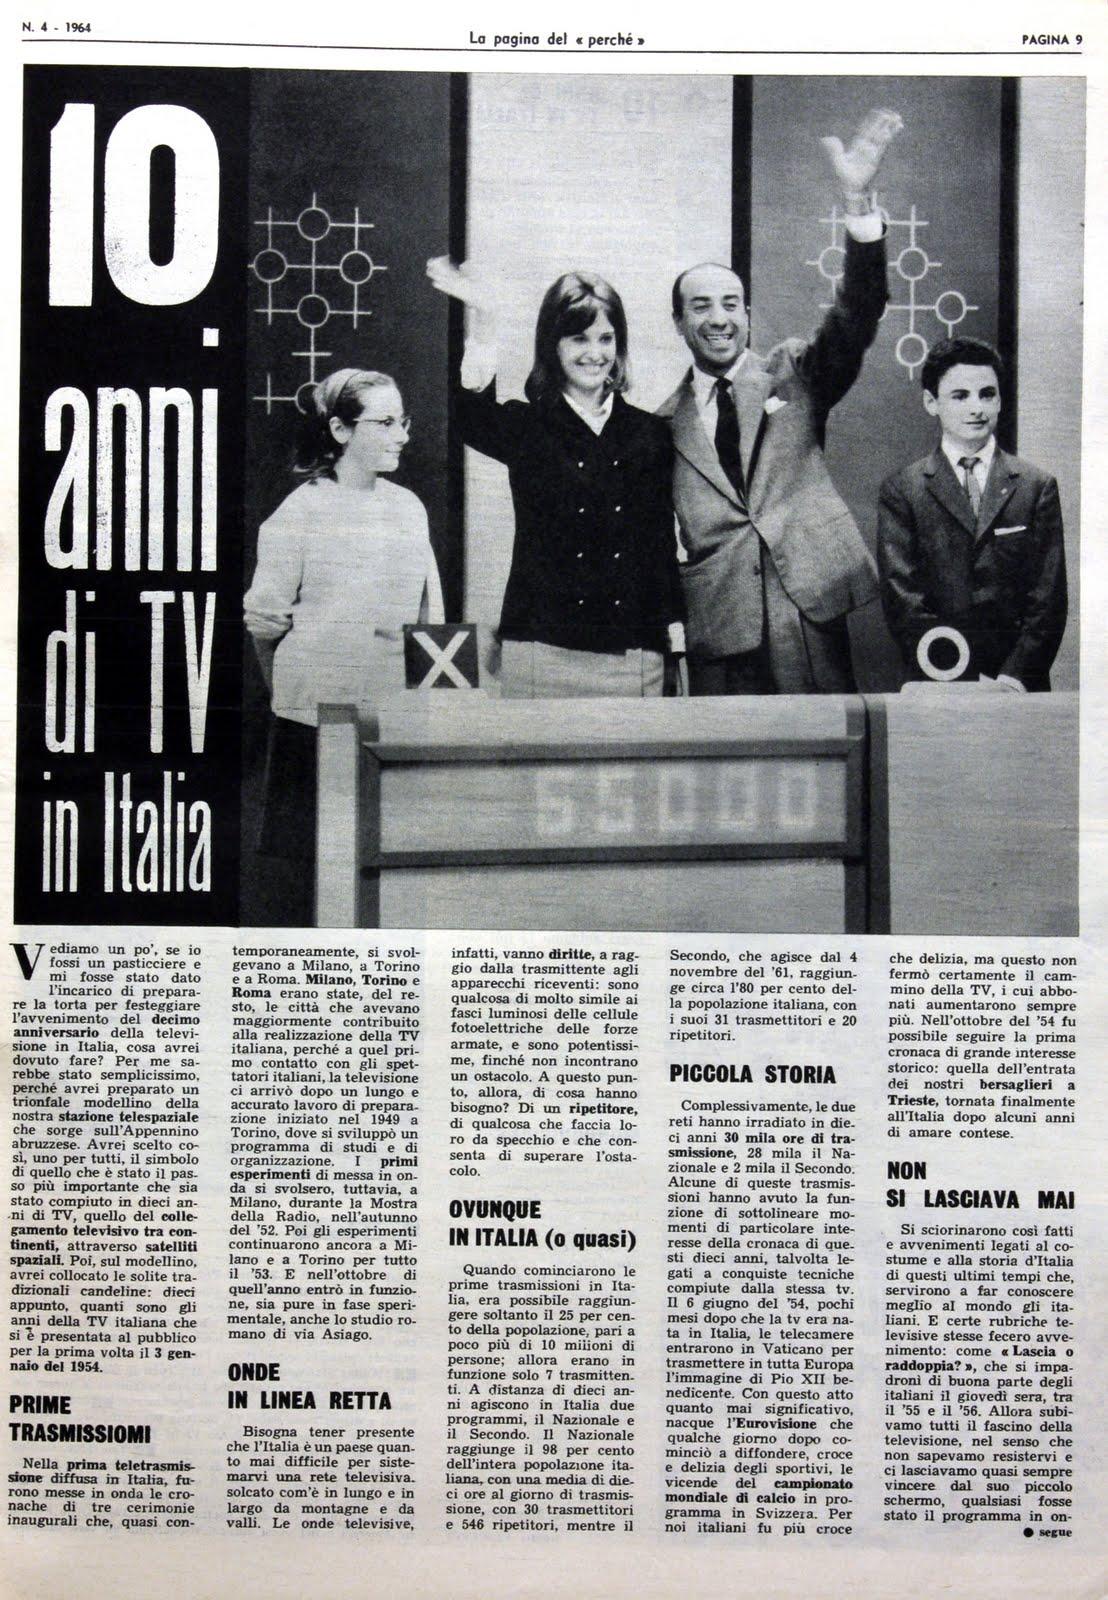 GINO D'ANTONIO E GLI ALTRI NELLA FINE DEL VITTORIOSO